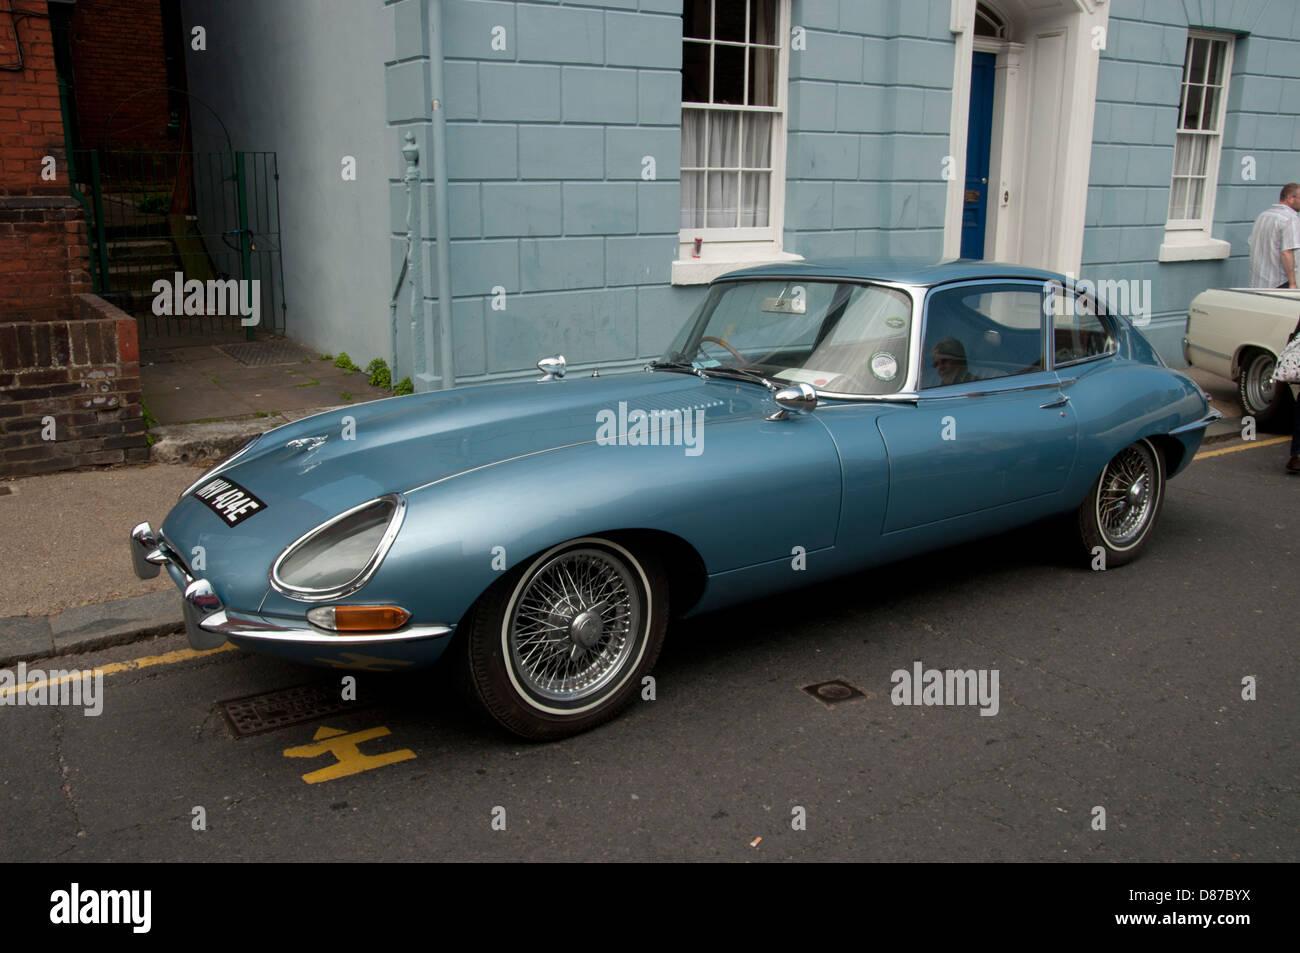 Jaguar Factory Stock Photos & Jaguar Factory Stock Images - Alamy